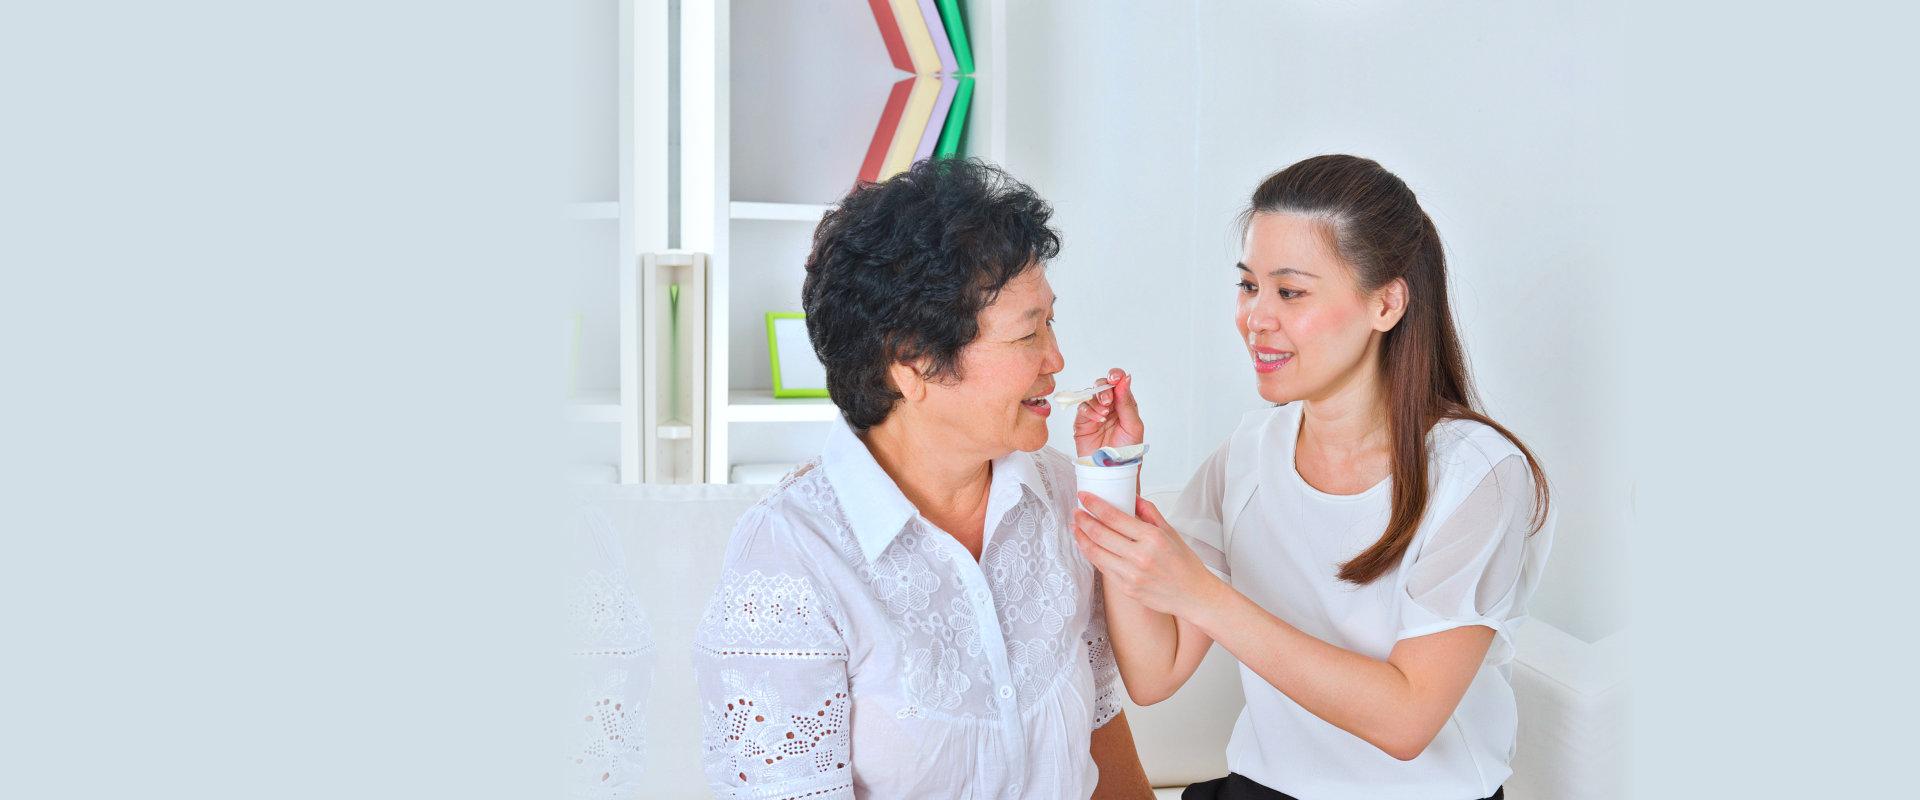 caregiver feeding elderly patient